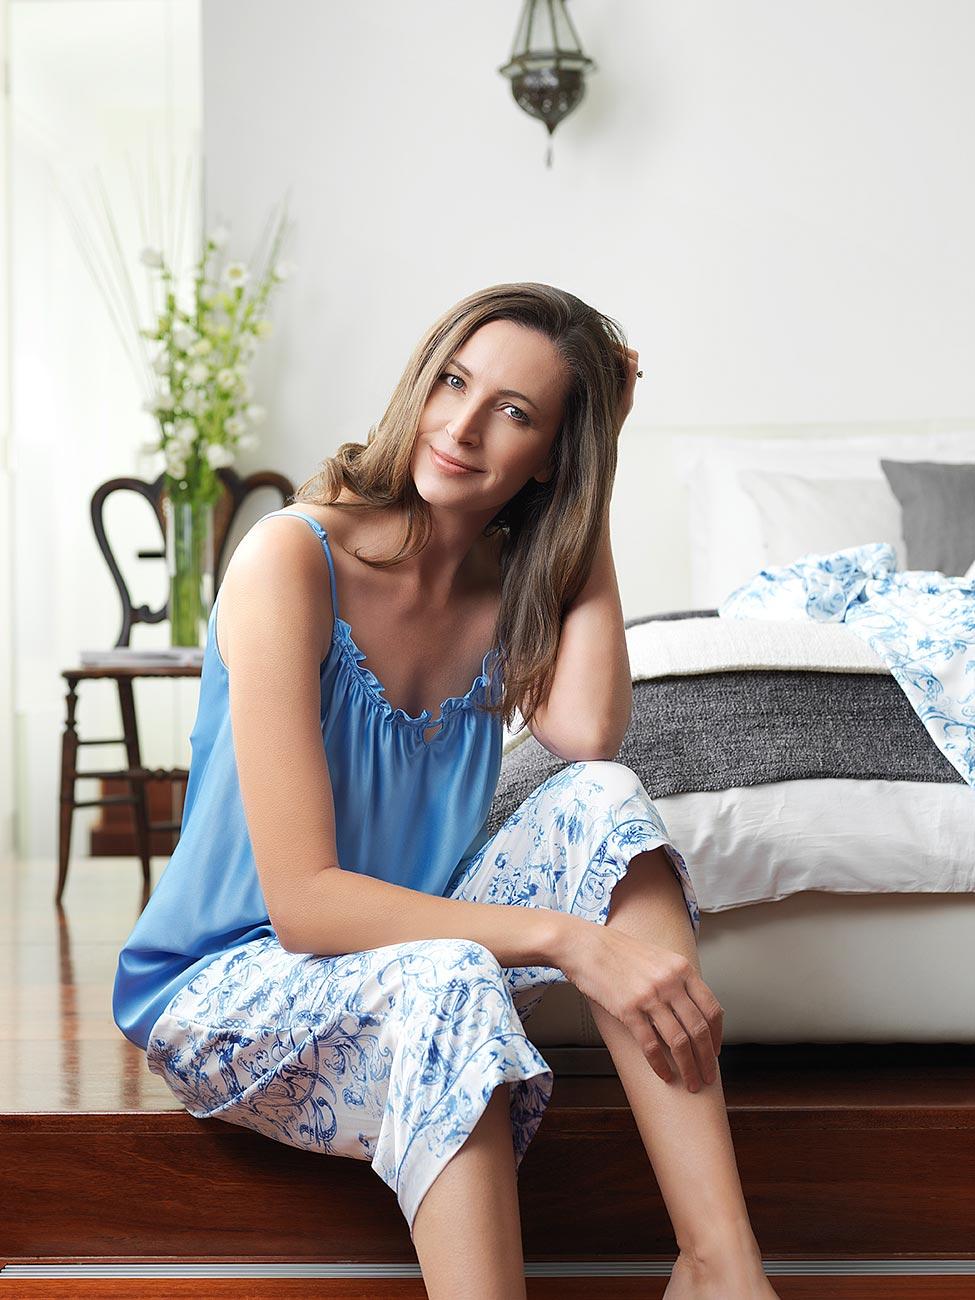 givoni-sleepwear-photography.jpg